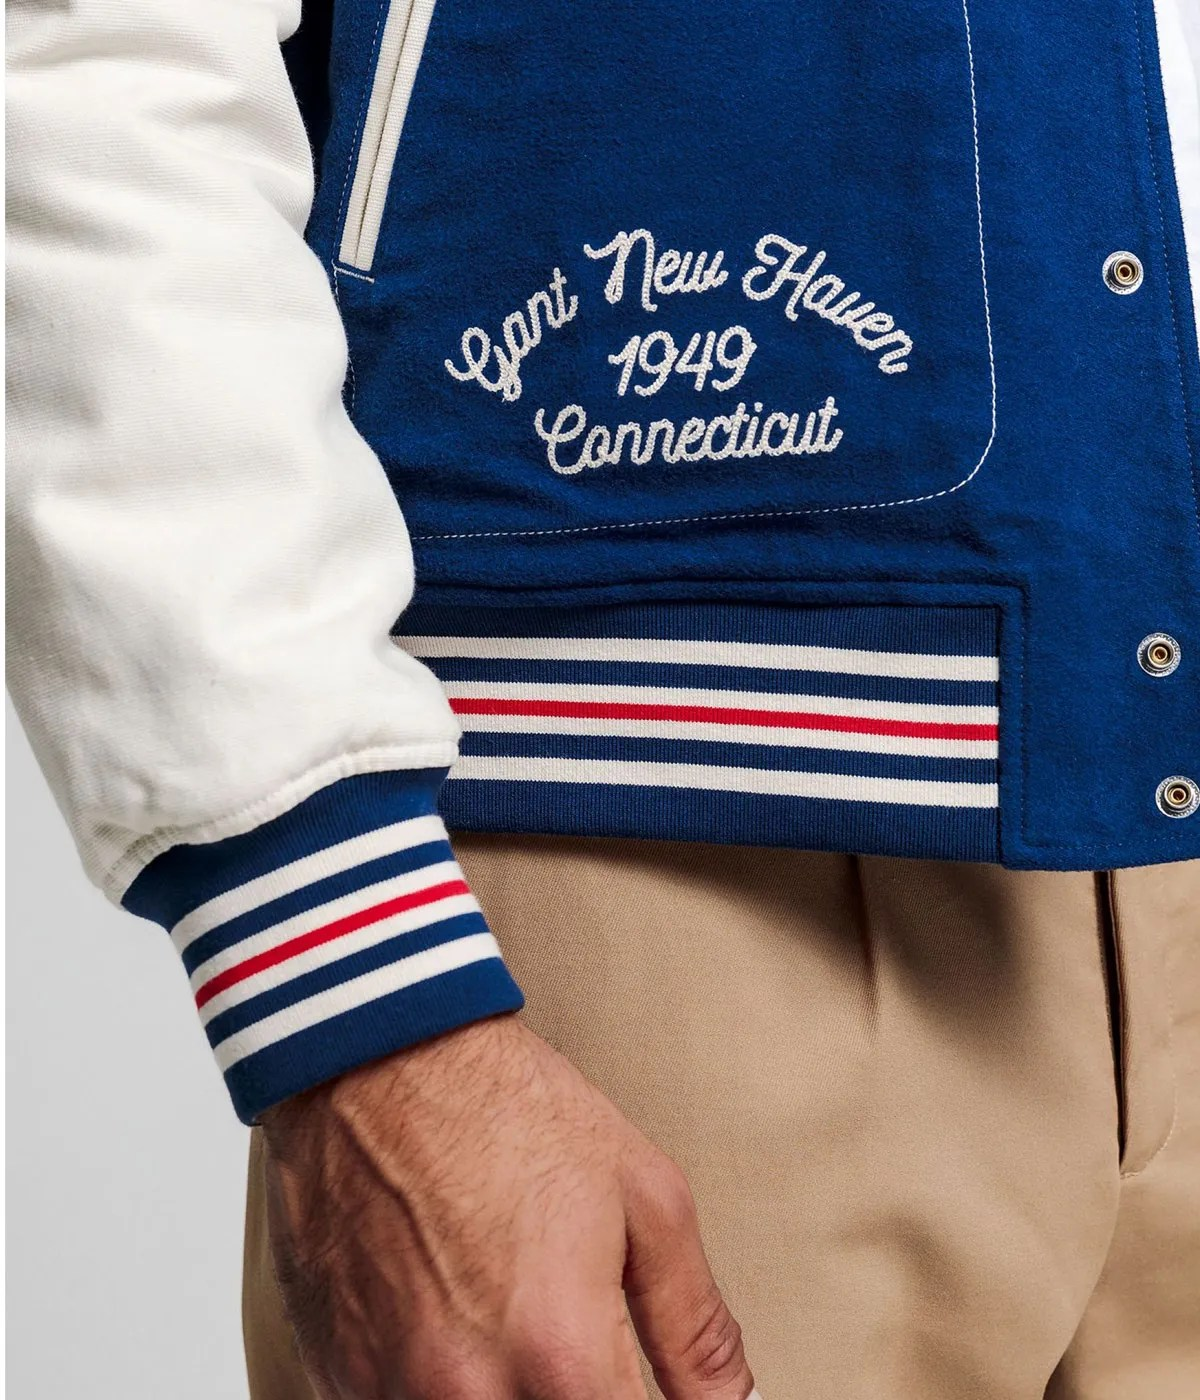 letterman-gant-spring-jacket